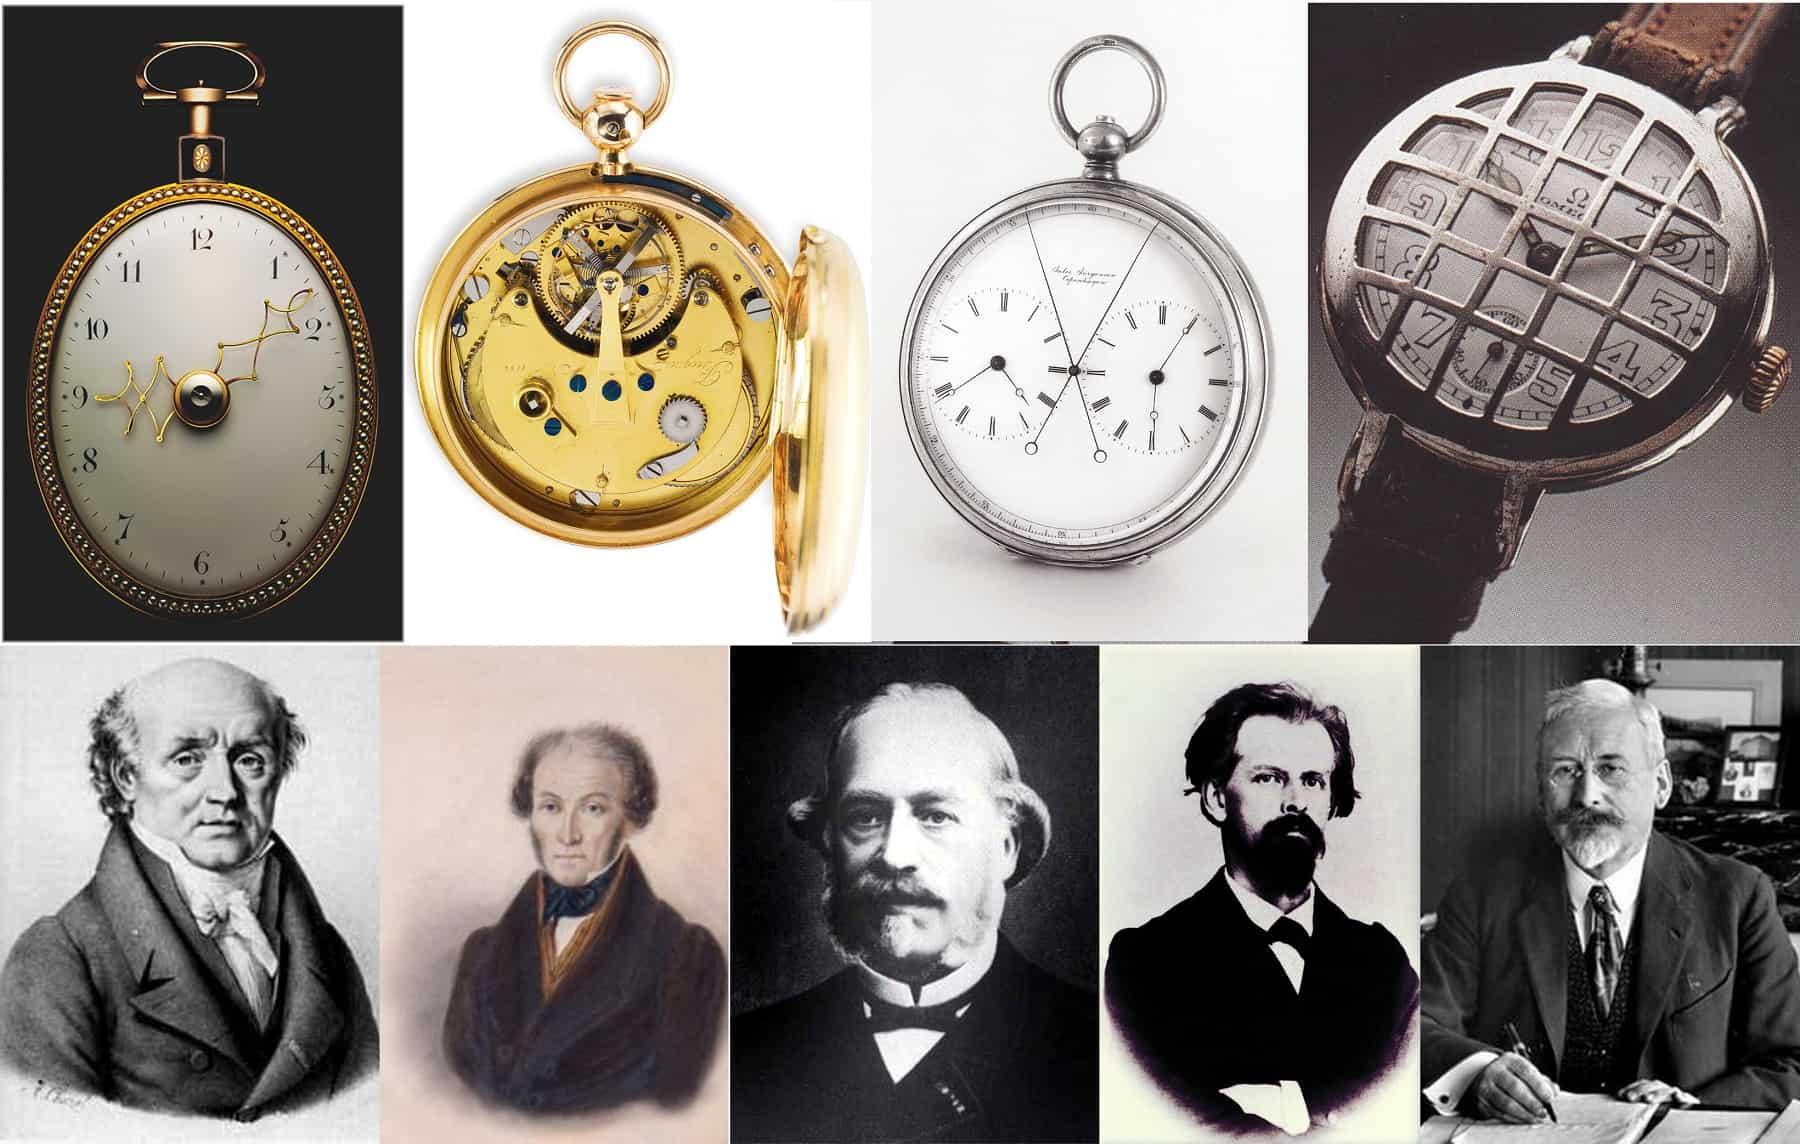 Die Geschichte der Uhr Teil 5Chronograph, Kronenaufzug und Tourbillon: Die Geschichte der Uhr im 19. Jahrhundert